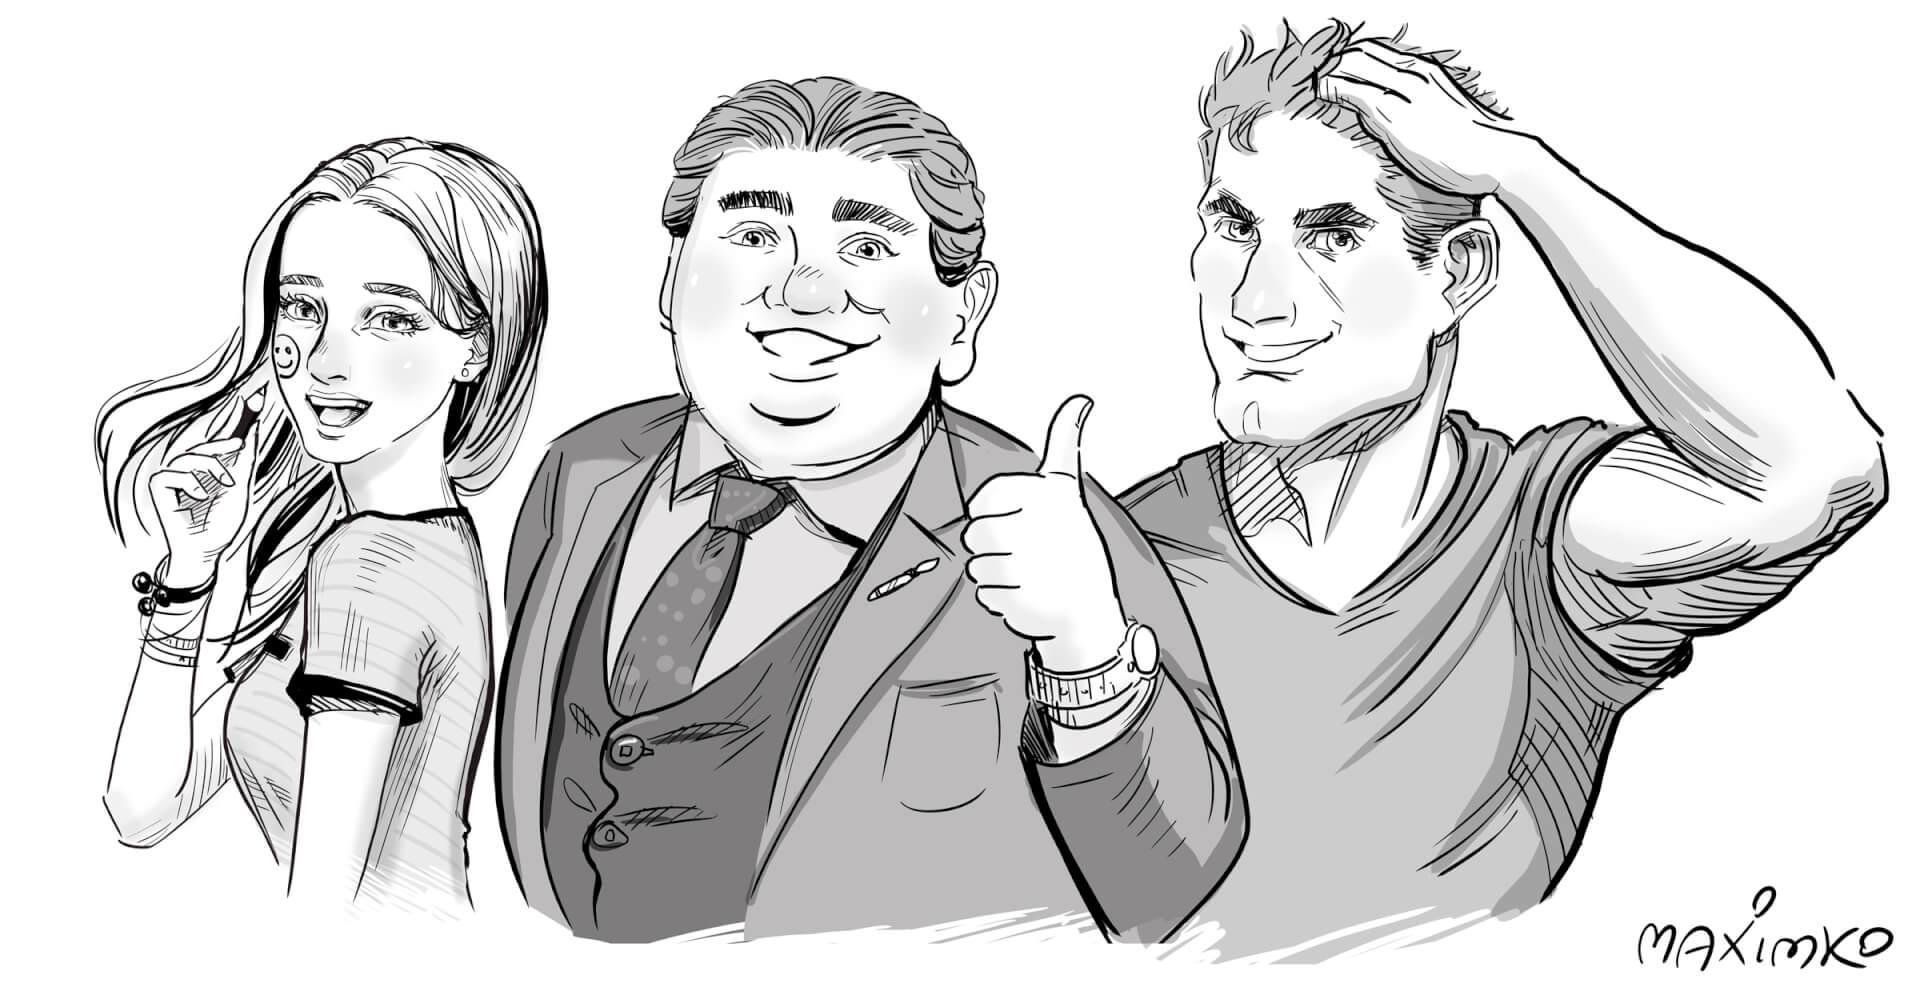 Manga-Zeichnen: 4 fundamentale Tipps für interessante Gesichter, die Bände sprechen!